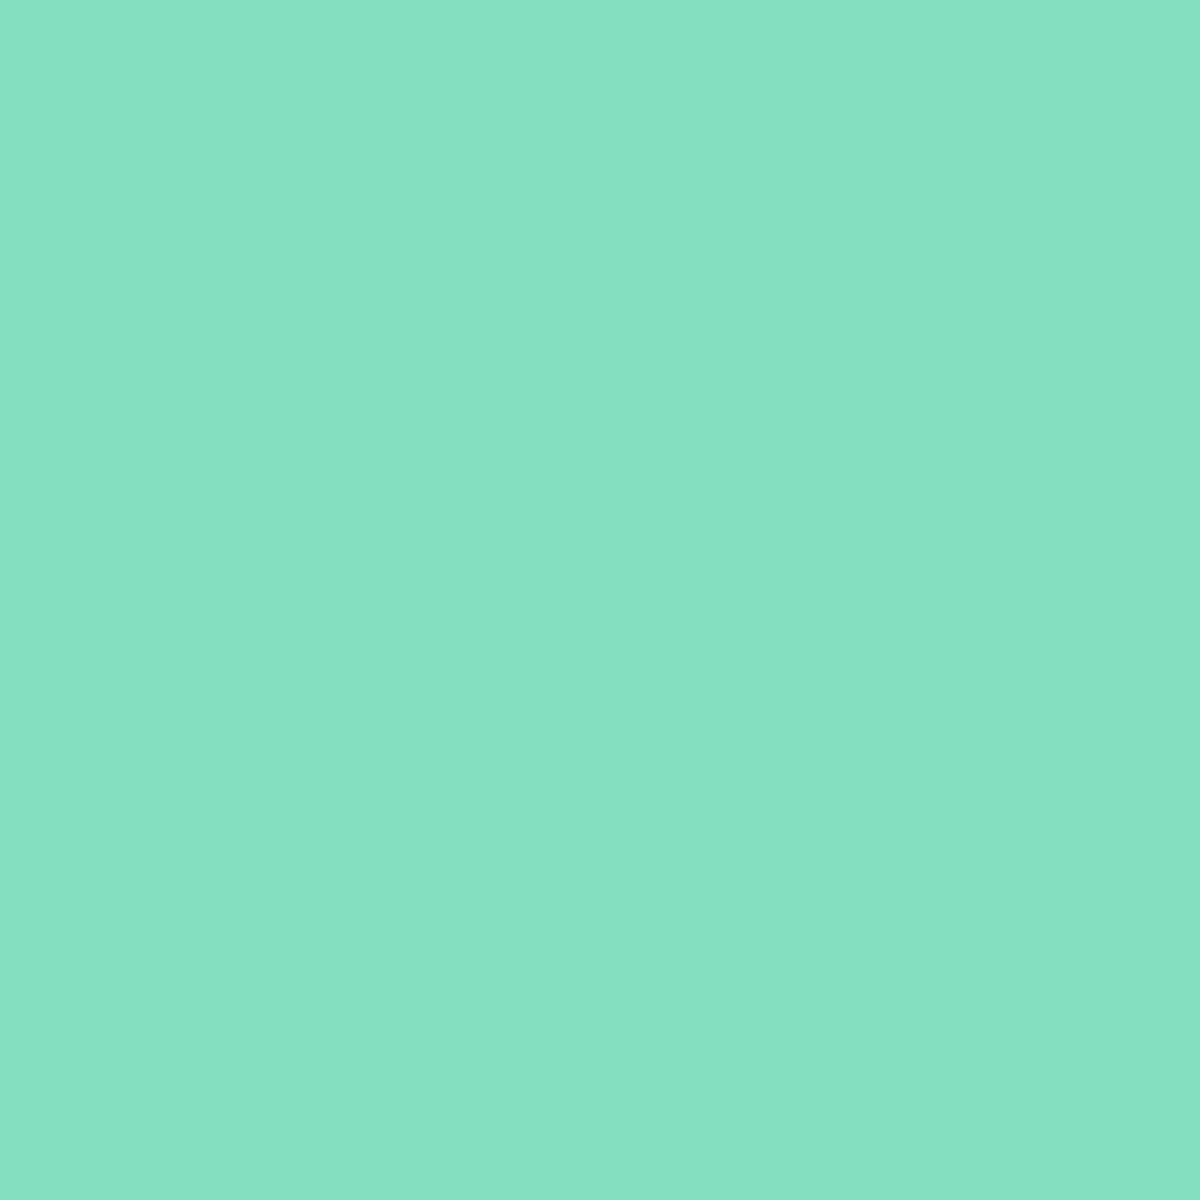 Виниловая самоклеющаяся пленка G-3230 (глянец) 1,06м